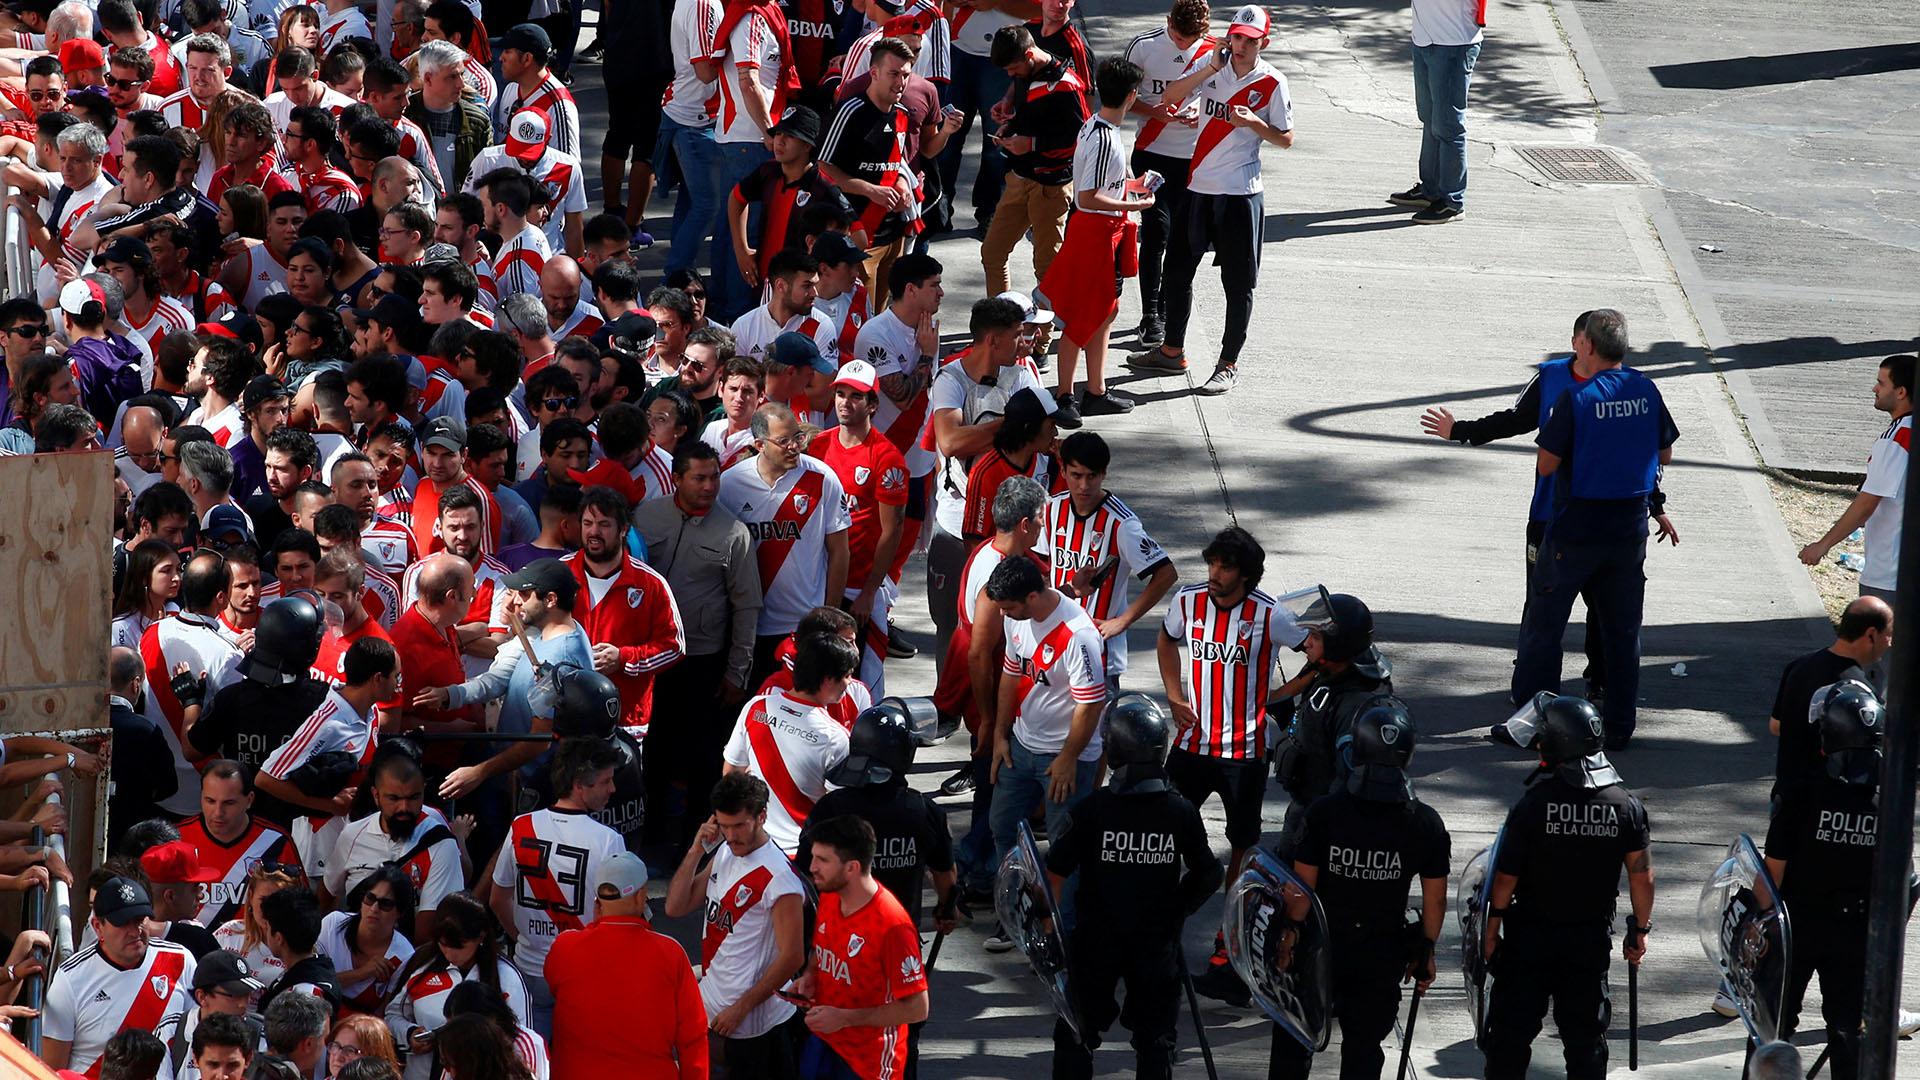 Hubo graves incidentes en los alrededores del estadio Monumental (Reuters)